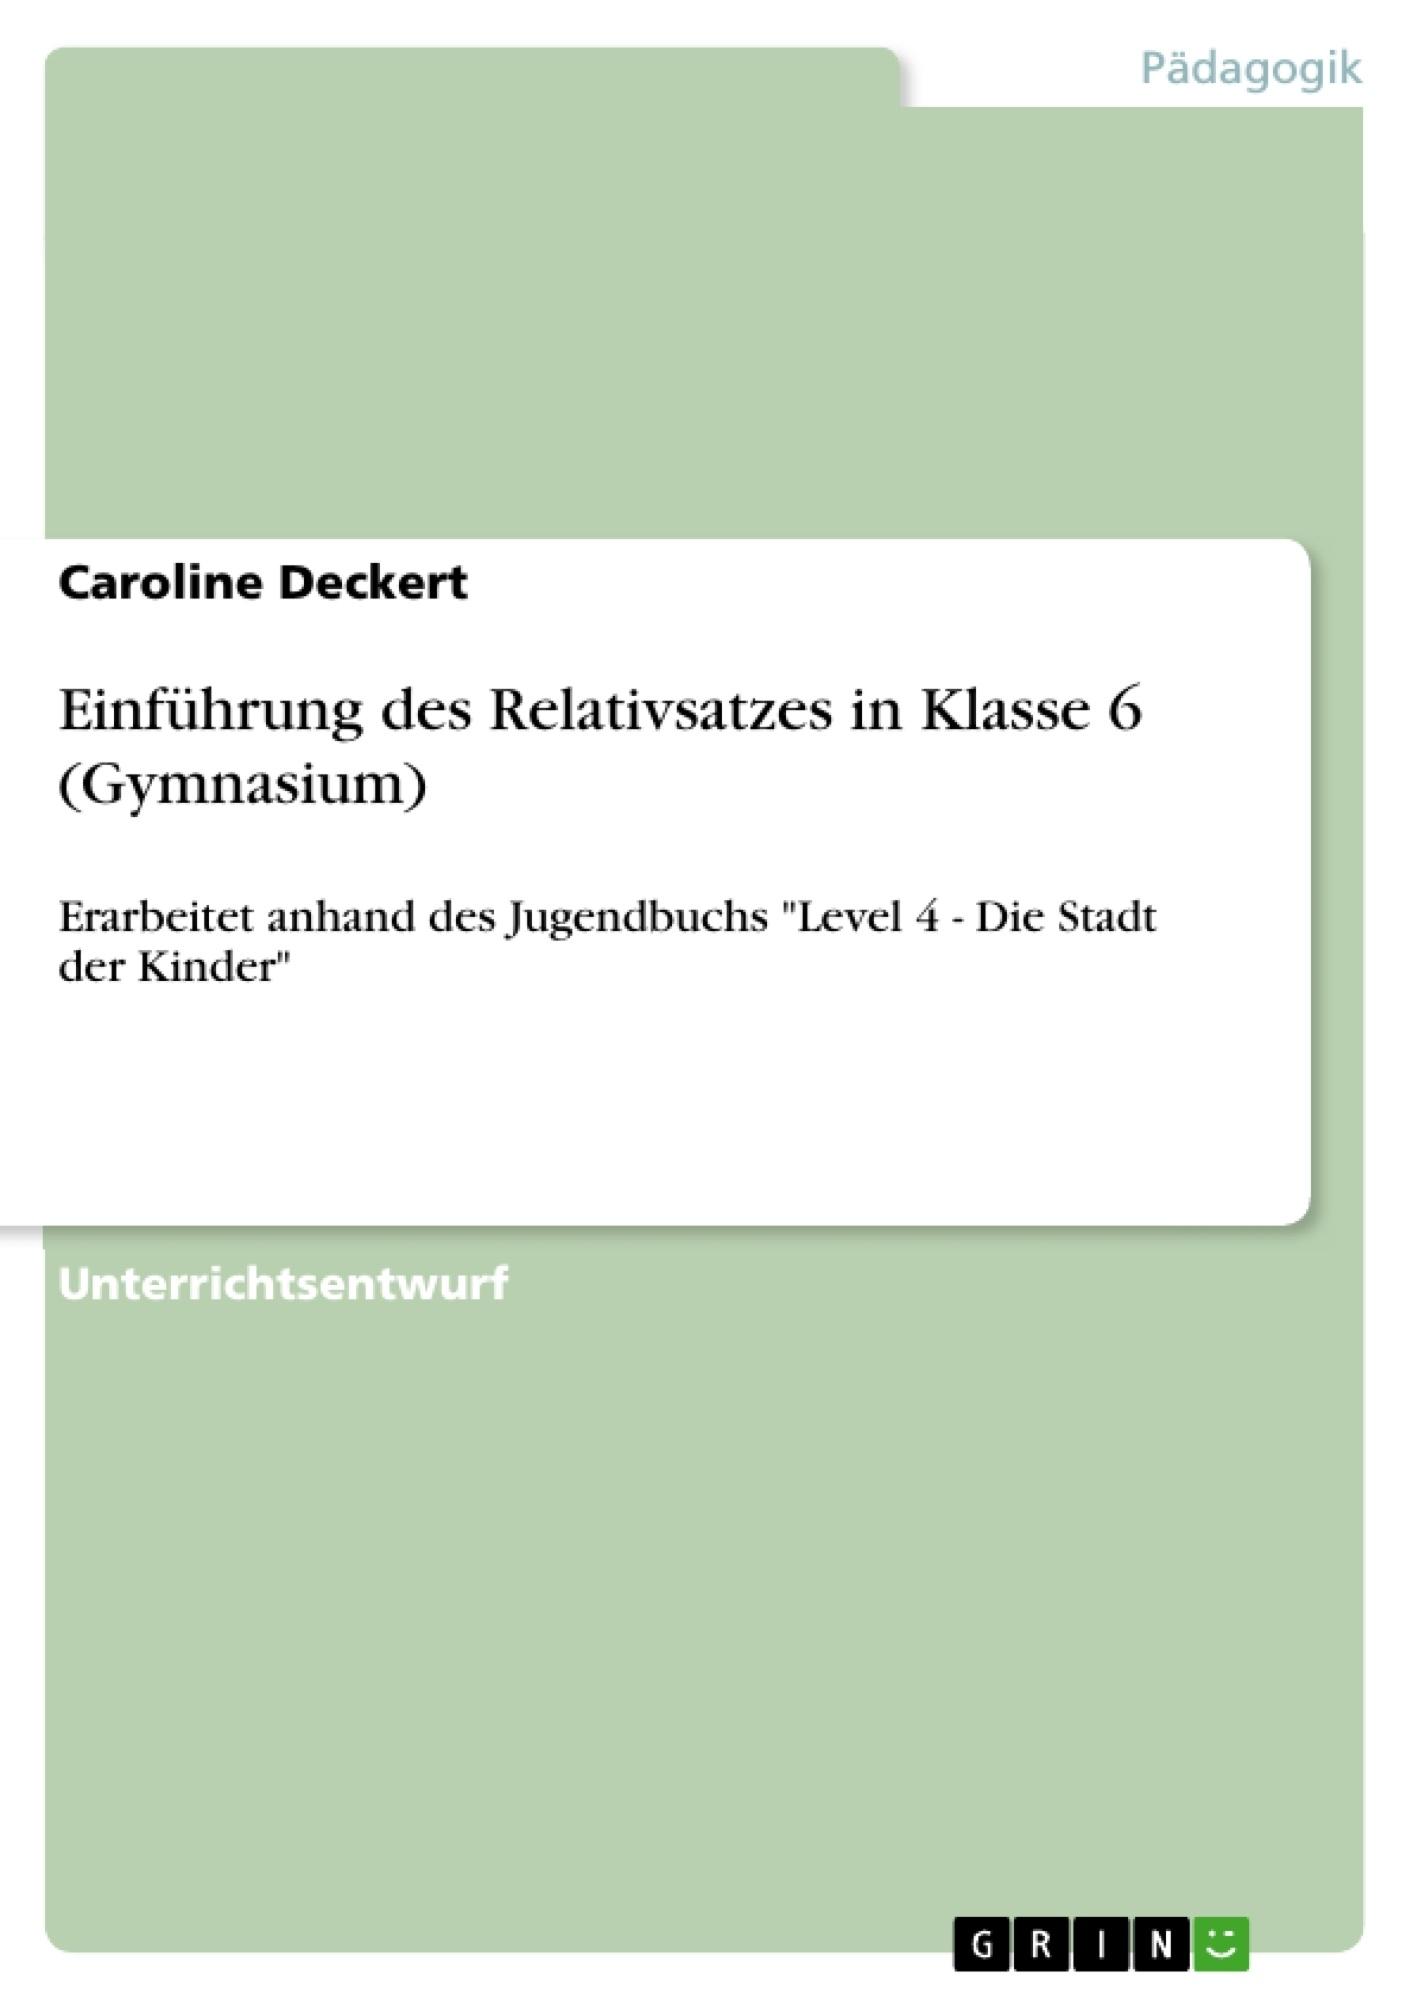 Titel: Einführung des Relativsatzes in Klasse 6 (Gymnasium)